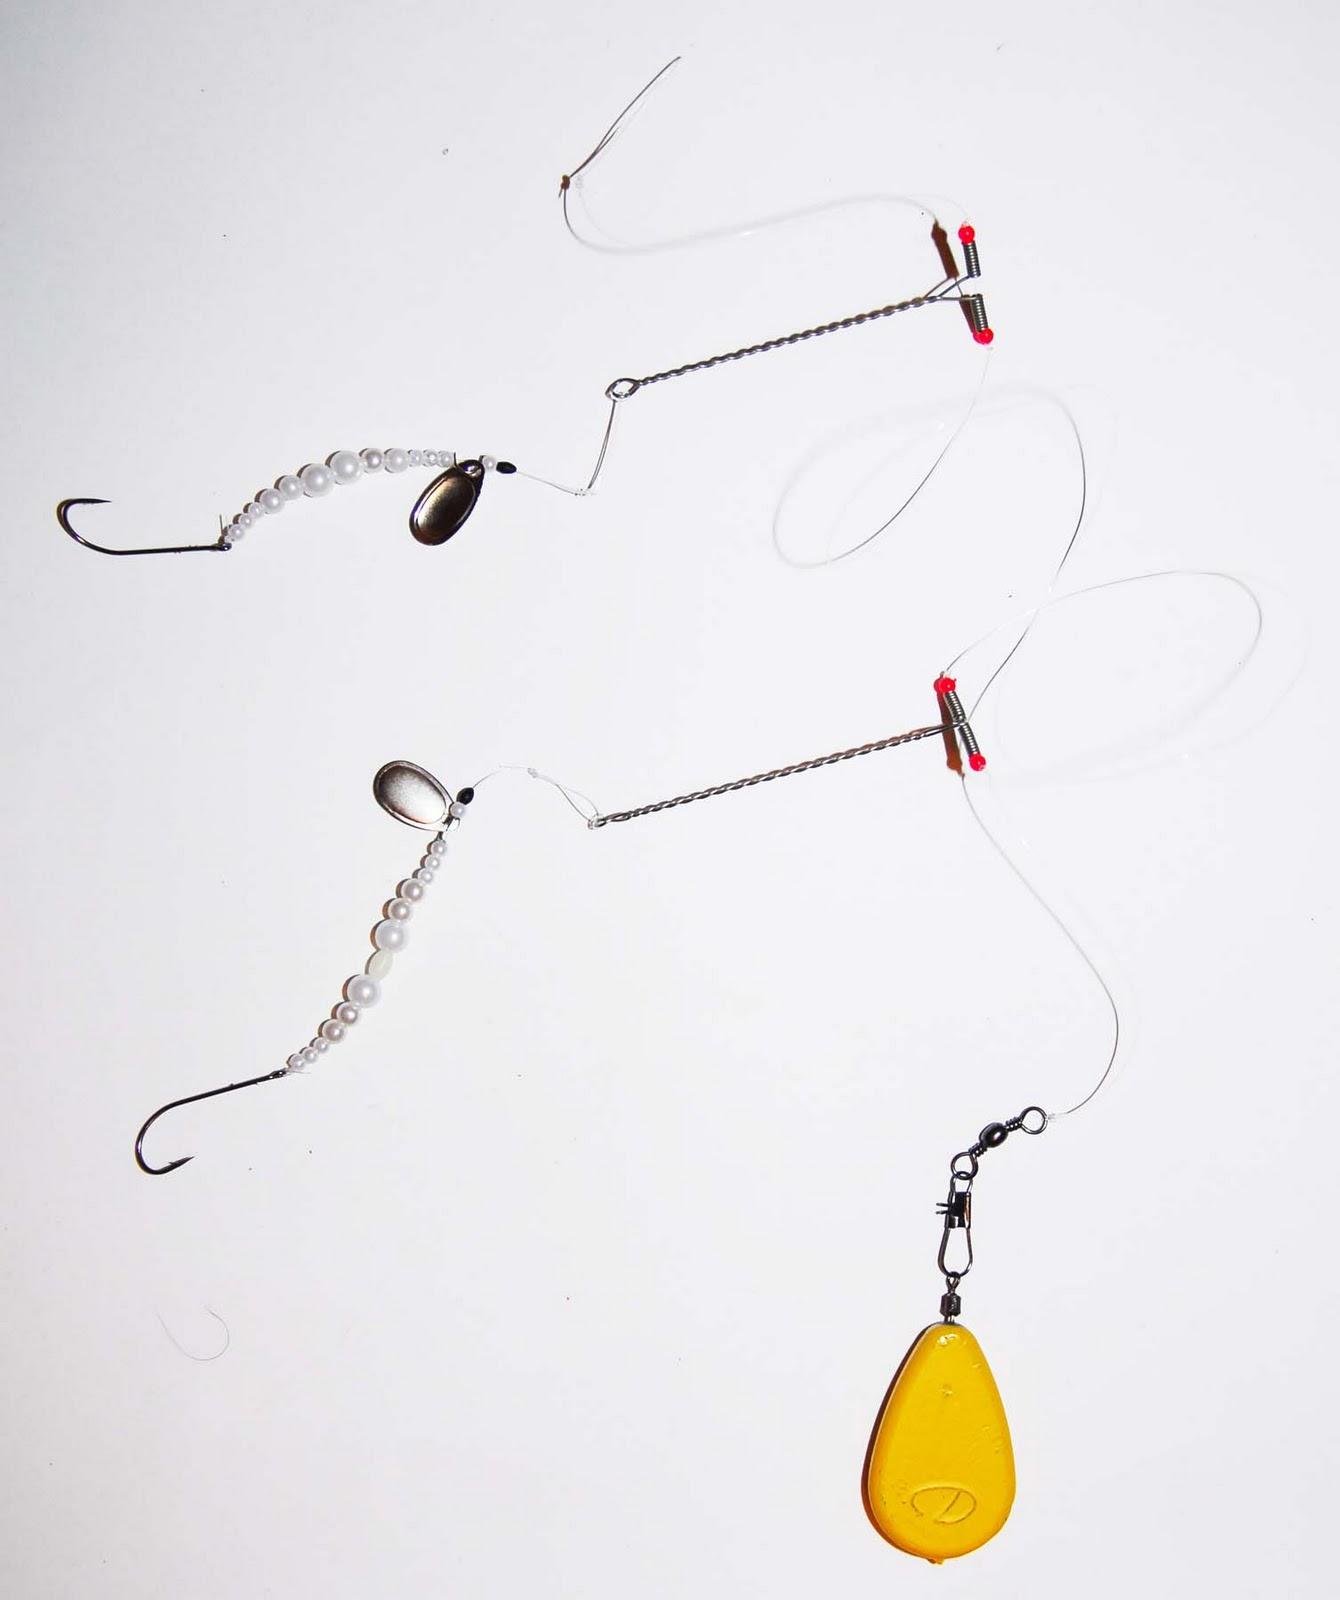 Морская снасть для рыбалки